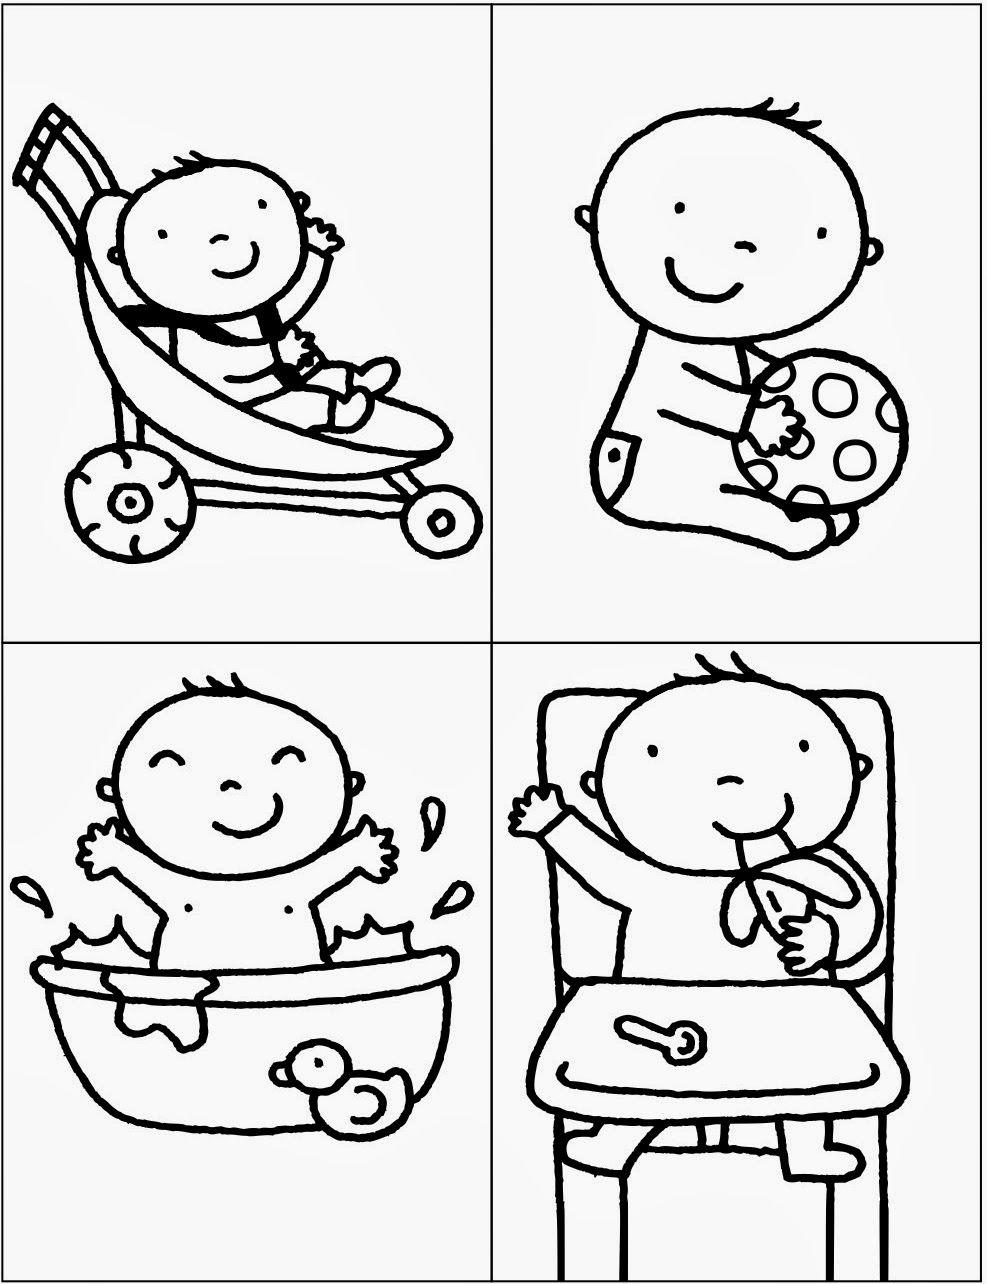 juf de baby met daan en jolien knutselen